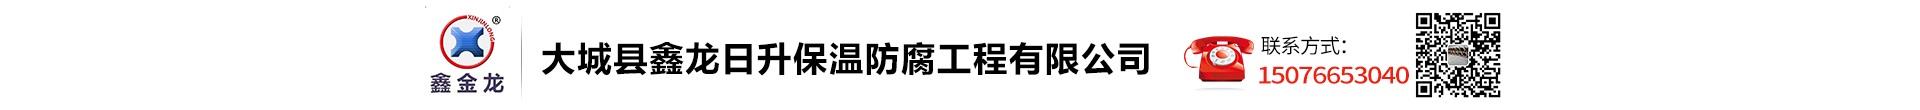 大城縣鑫龍日升保溫防腐工程有限公司